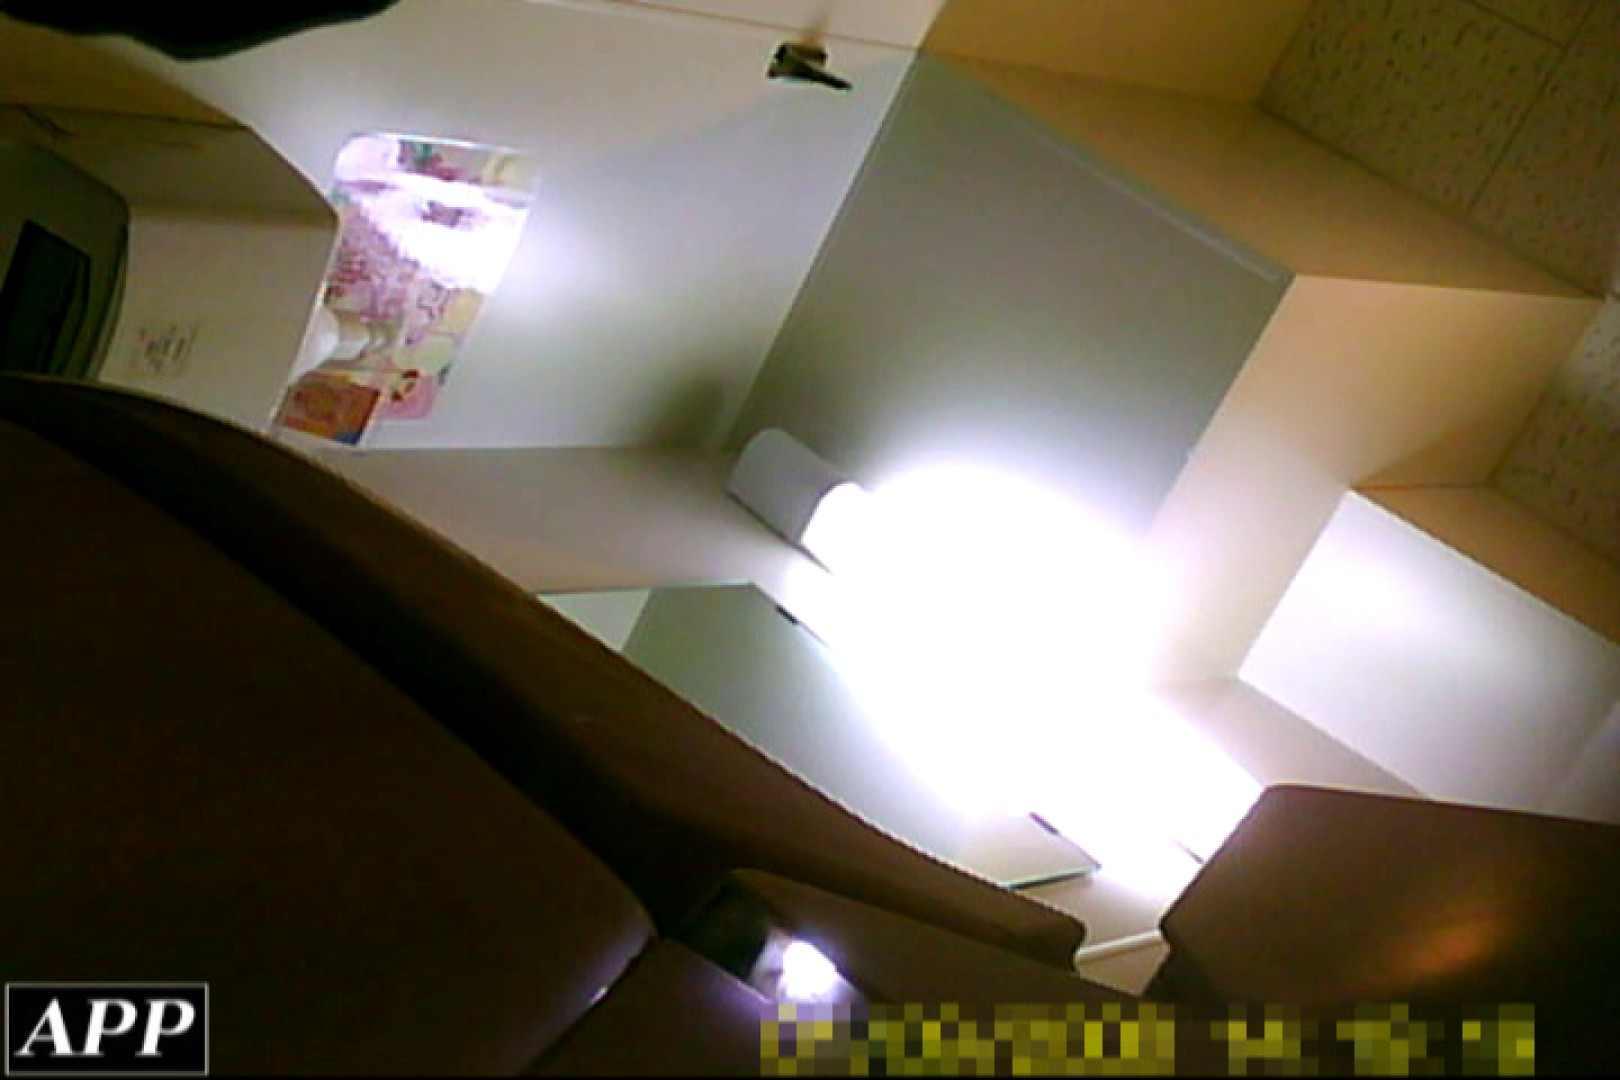 3視点洗面所 vol.095 OLセックス  87画像 50